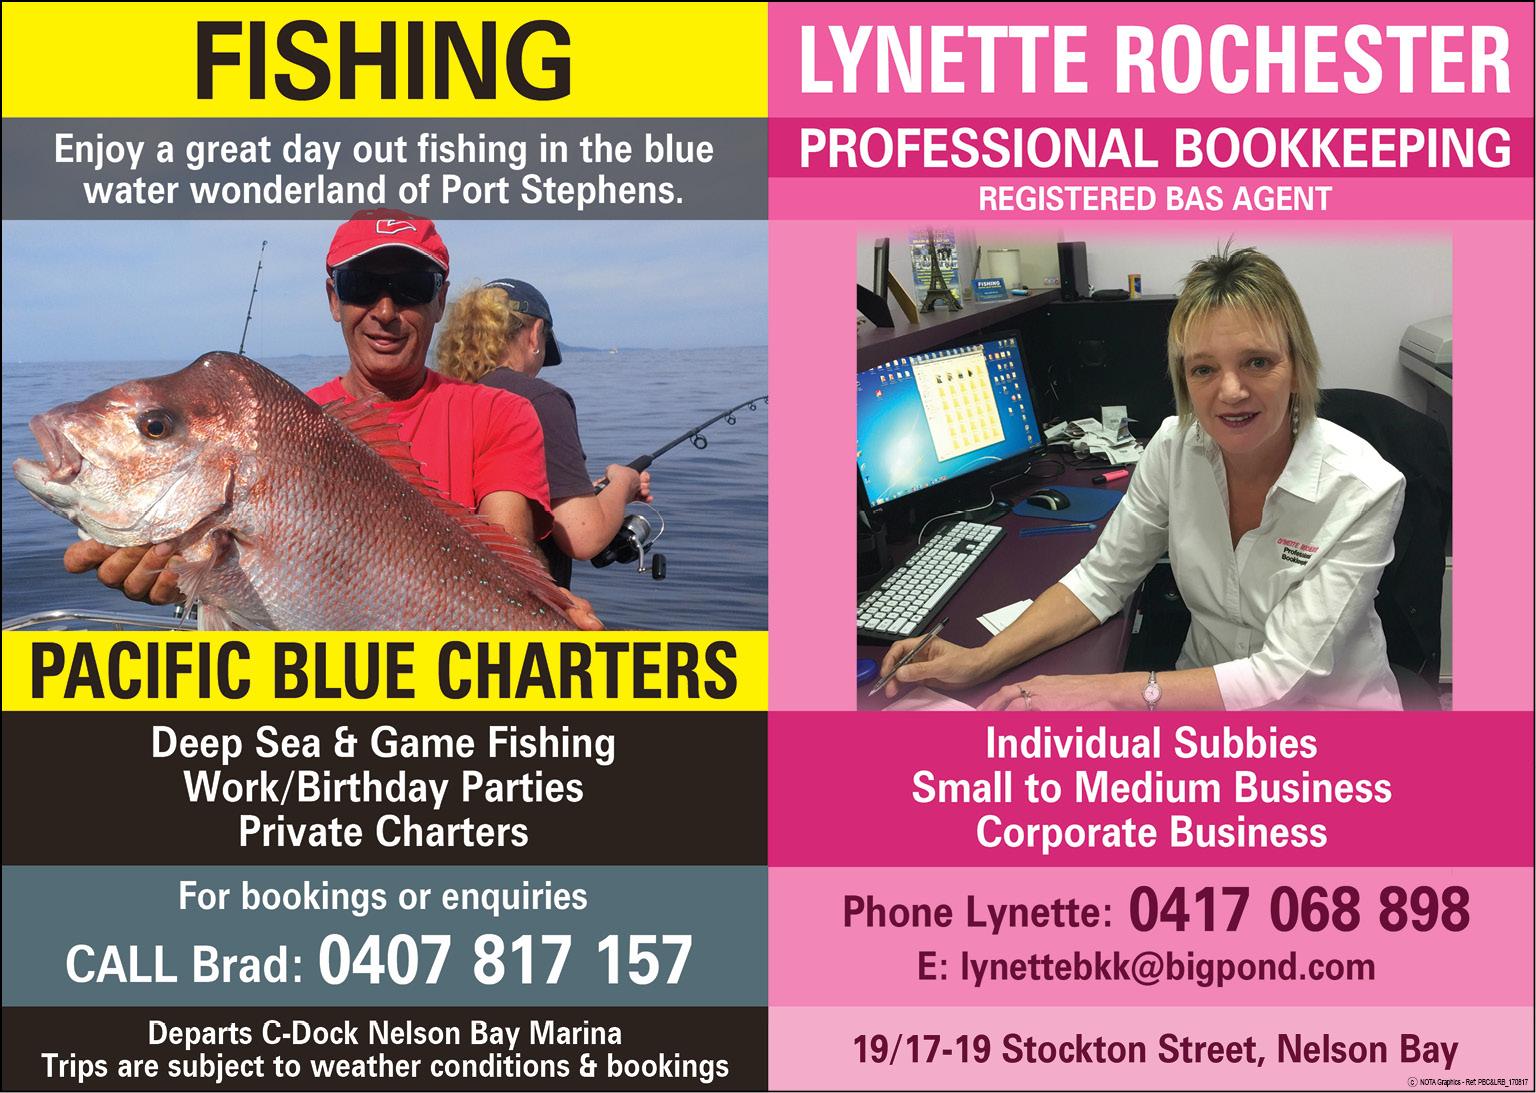 Lynette Rochester Bookkeeping